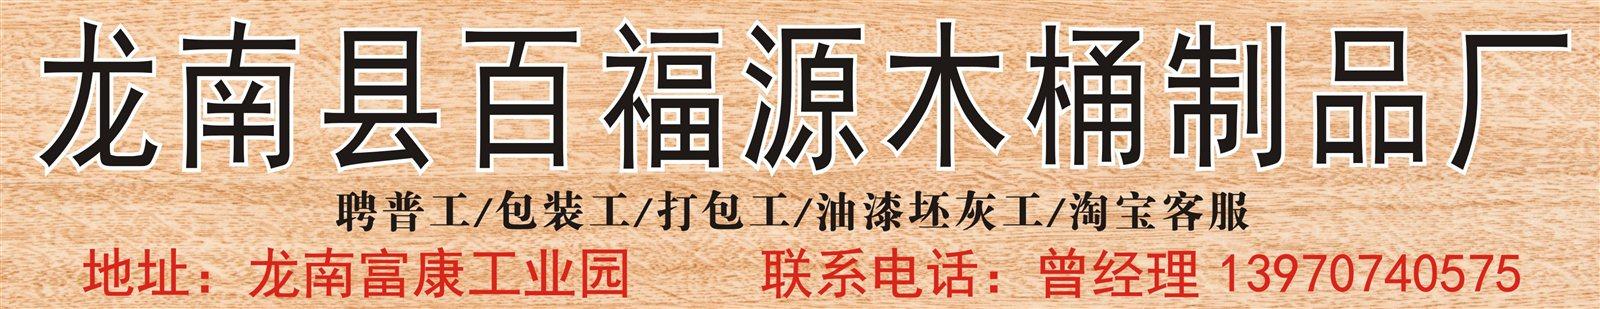 龍南縣百福源木桶制品廠